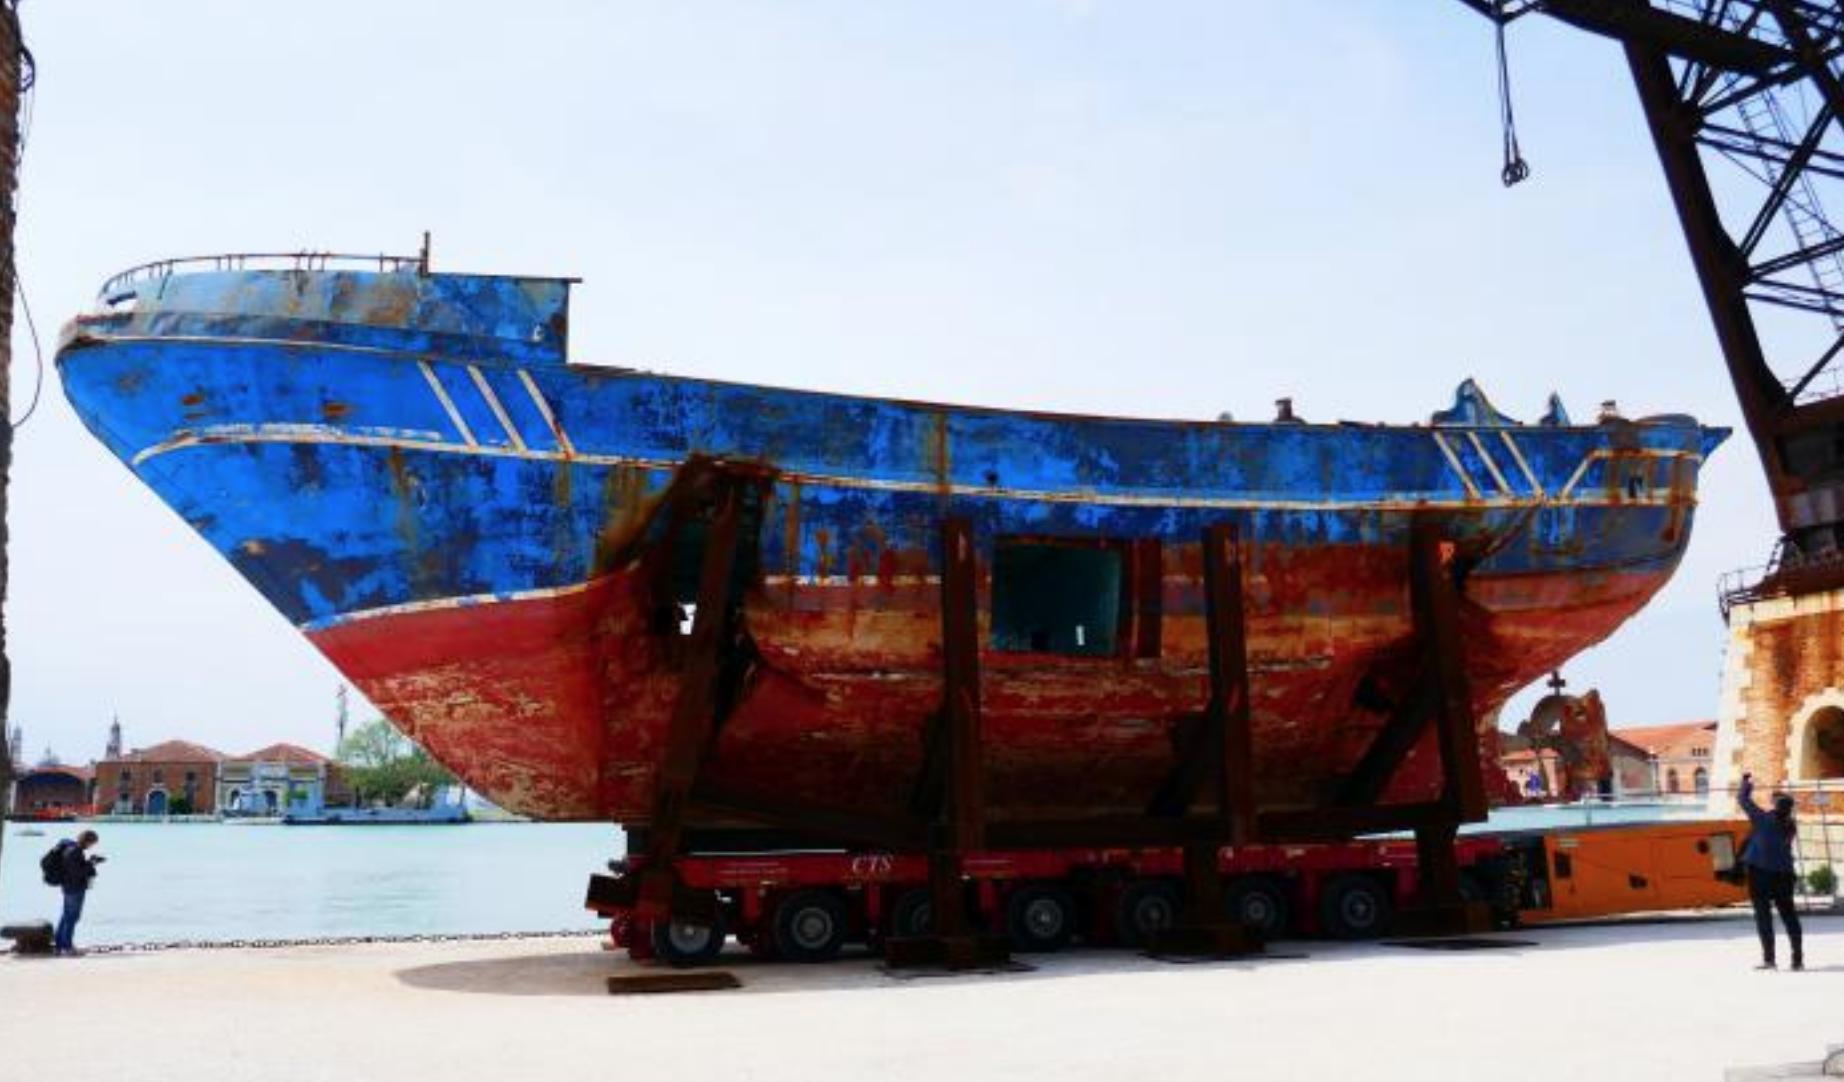 Ricordate il barcone dei migranti esposto alla Biennale 2019? Sapete che fine ha fatto?